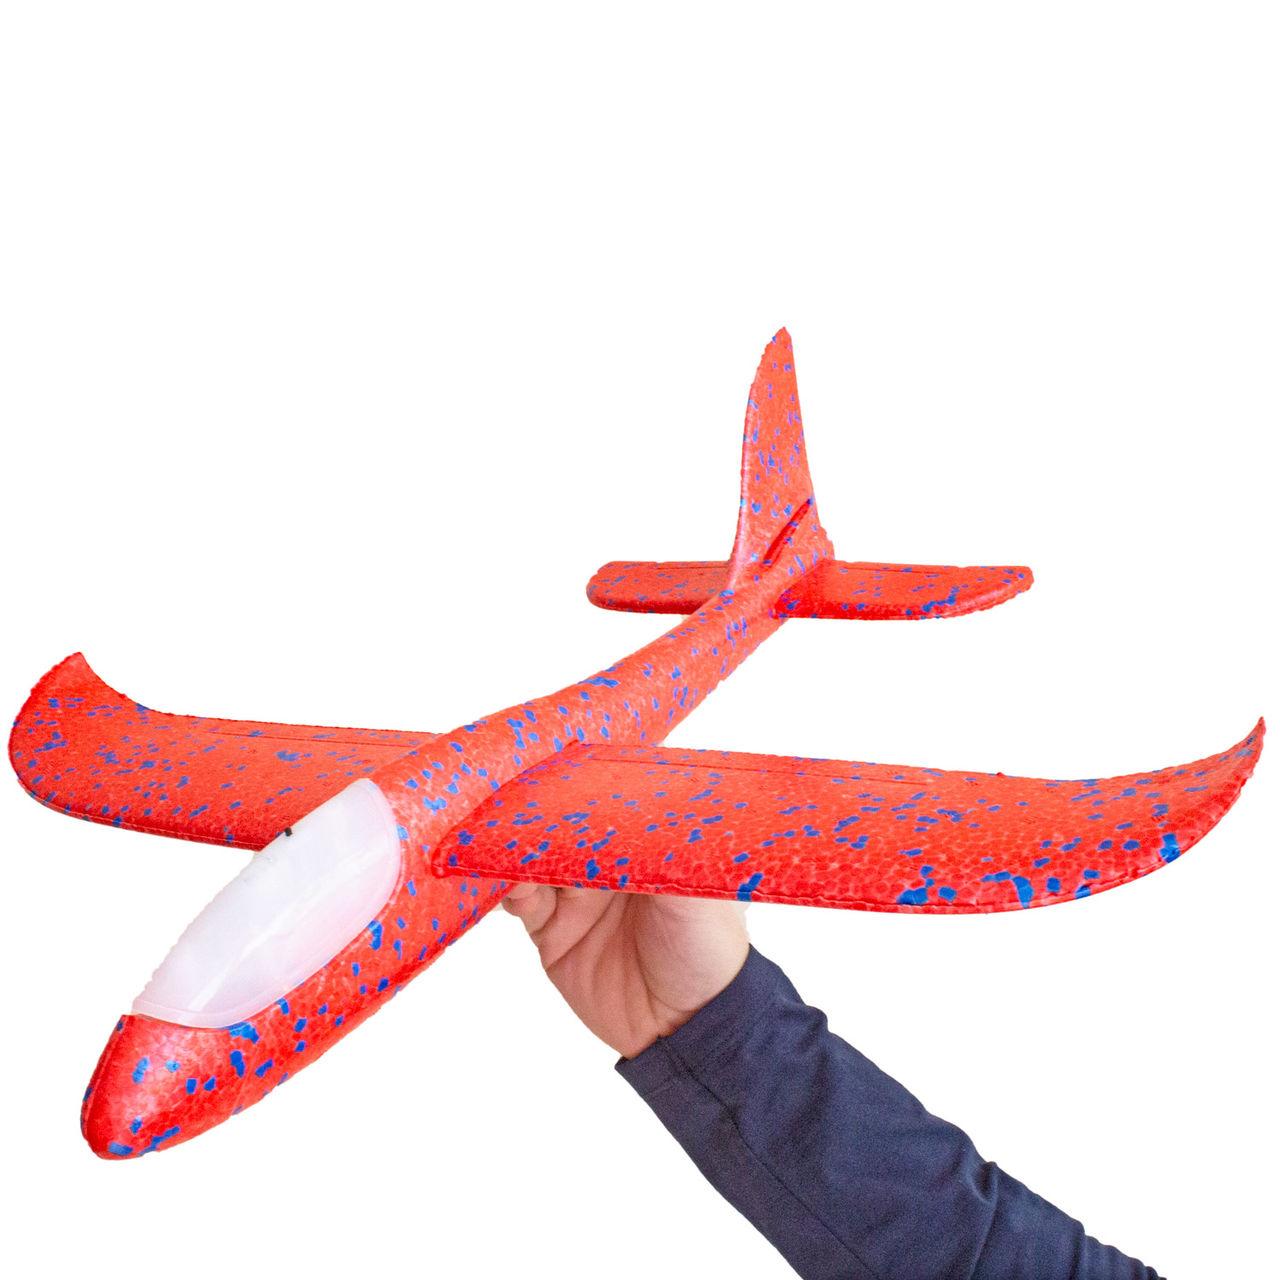 Самолет из пенопласта «Быстролет»